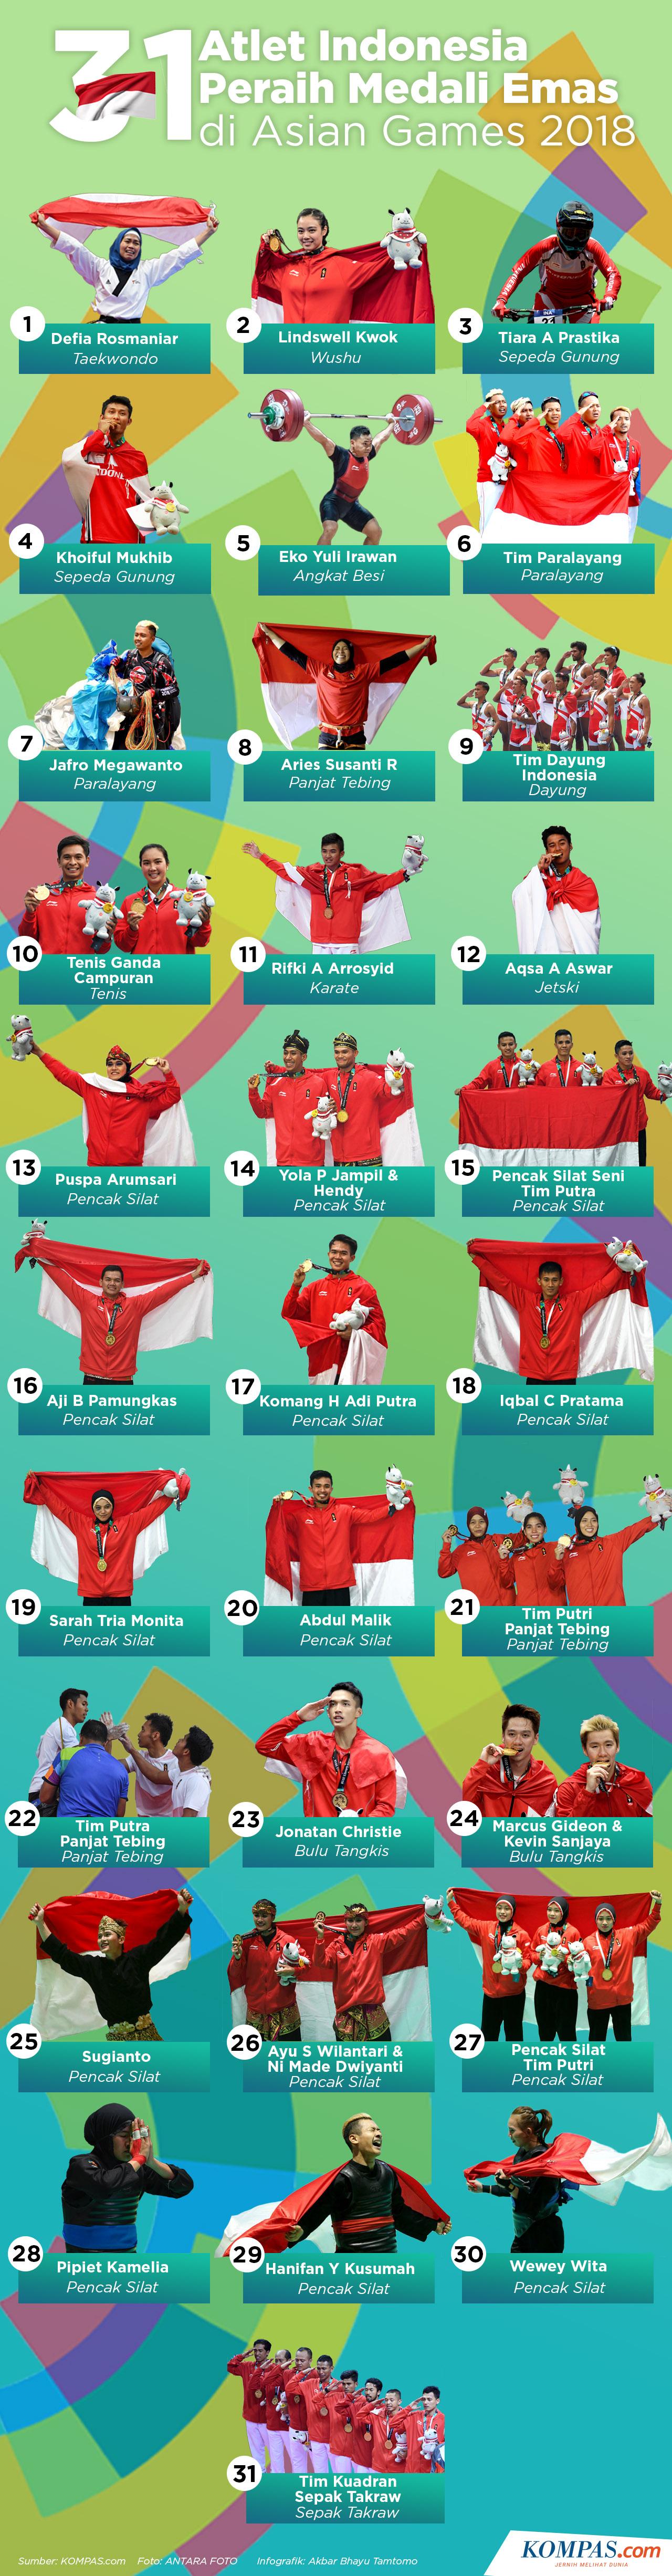 Infografik: 31 Atlet Indonesia Peraih Medali Emas Asian Games 2018